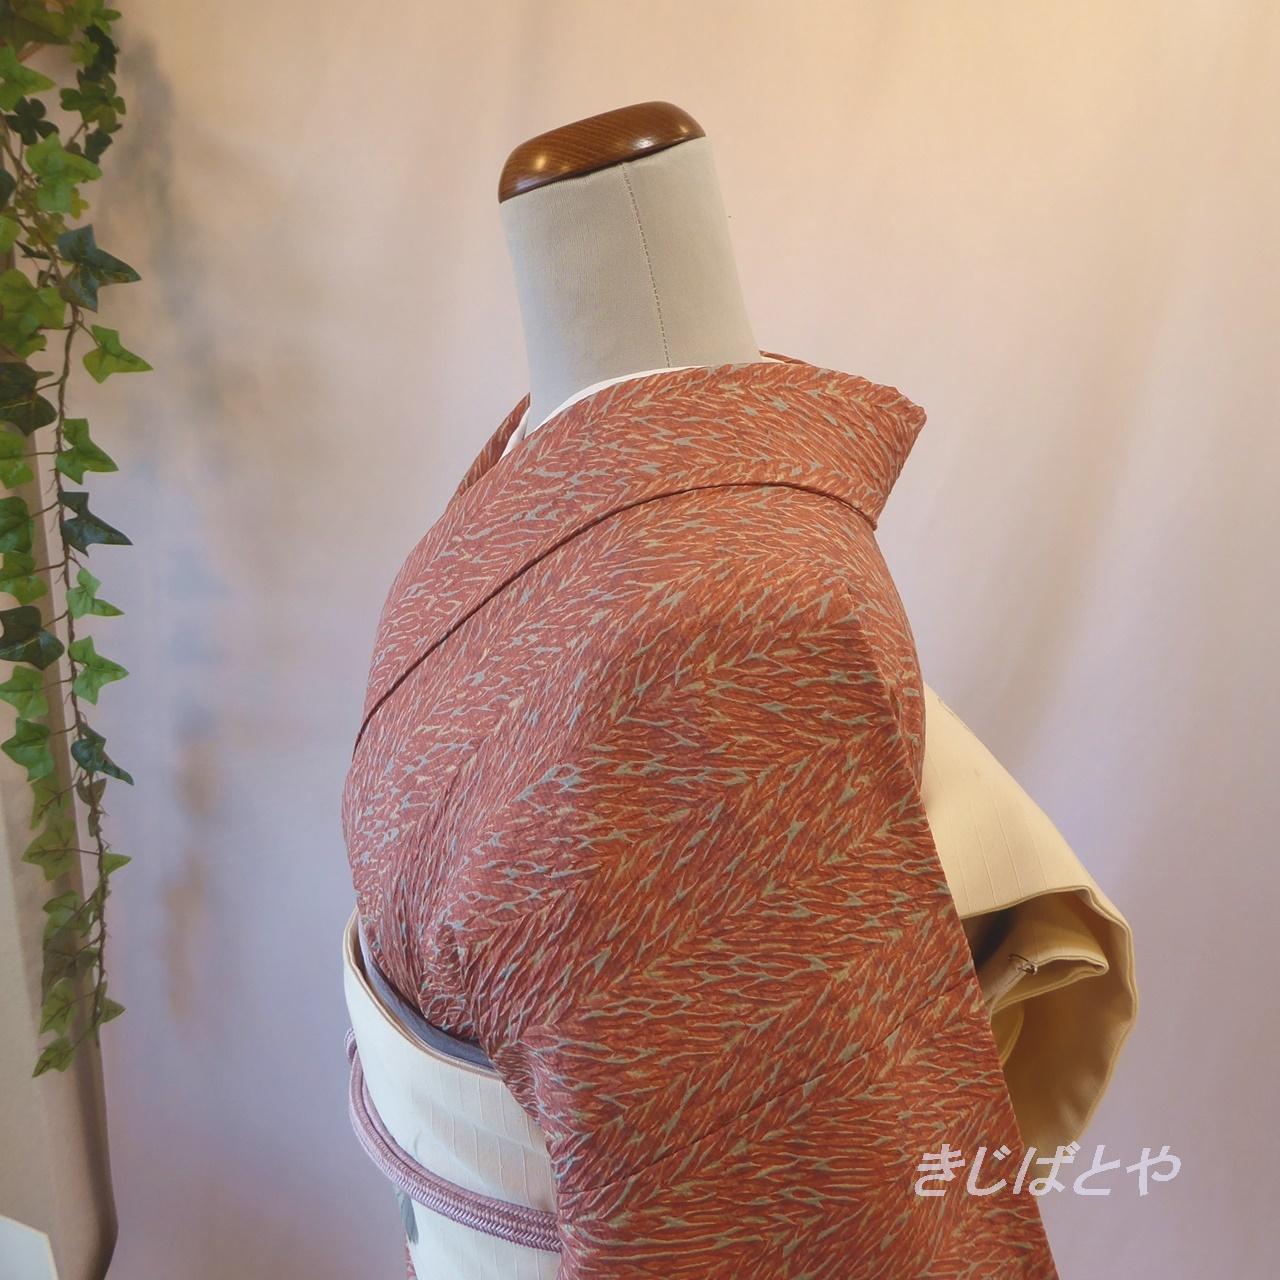 正絹 浅蘇芳に総絞りの小紋 胴抜き